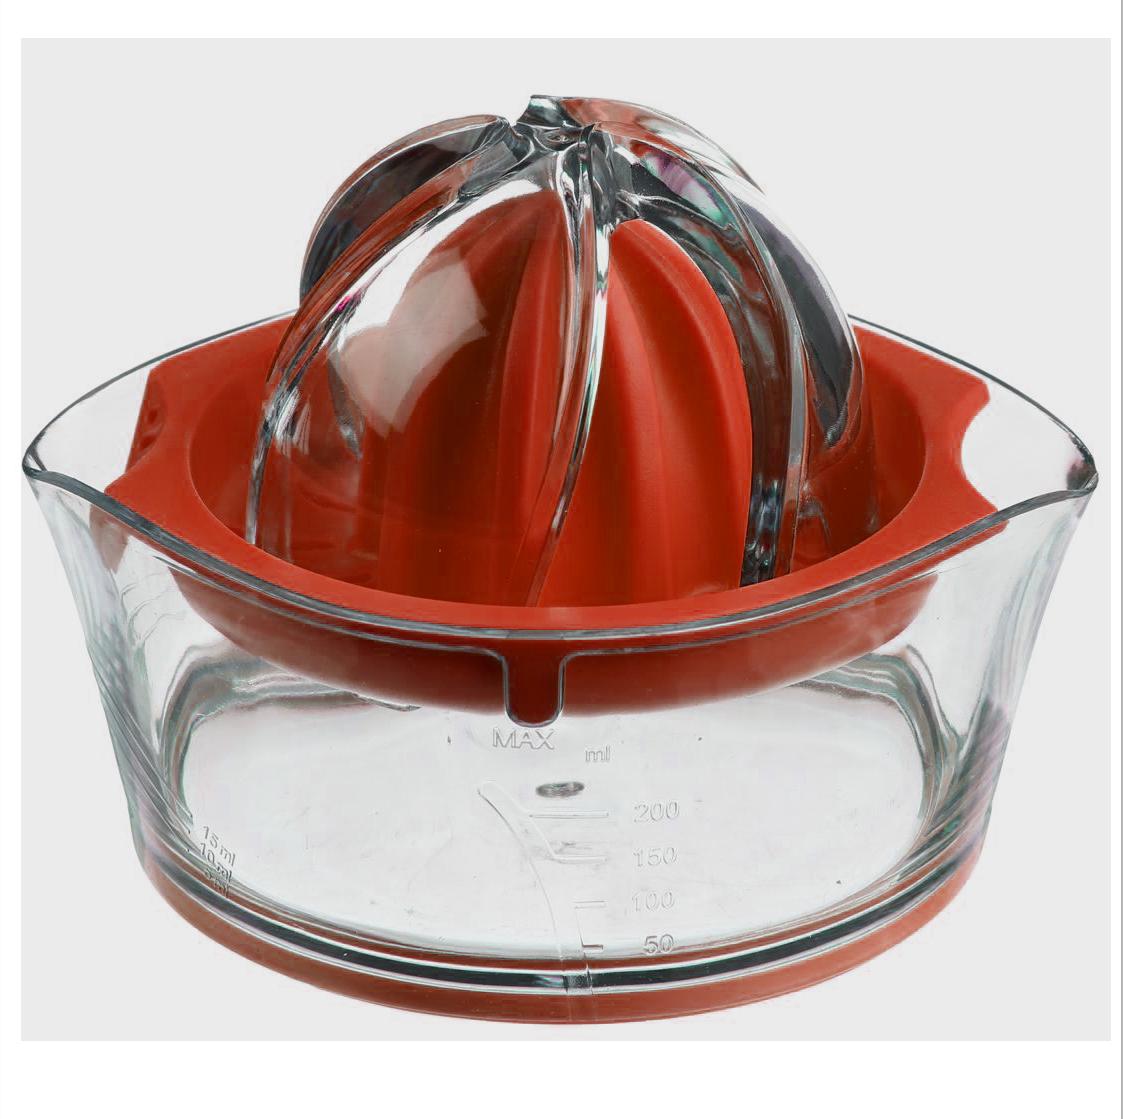 Соковыжималка для цитрусовых JJA, цвет: красный, 14 х 12 х 9 см128657AКлассическая соковыжималка для цитрусовых, имеет яркий, изысканный дизайн. Шкала, нанесённая на прозрачный контейнер, поможет точно определить объём выжатого сока, а если Вы предпочитаете этот напиток без мякоти, то специальная решеточка не позволит ей попасть в Ваш стакан.